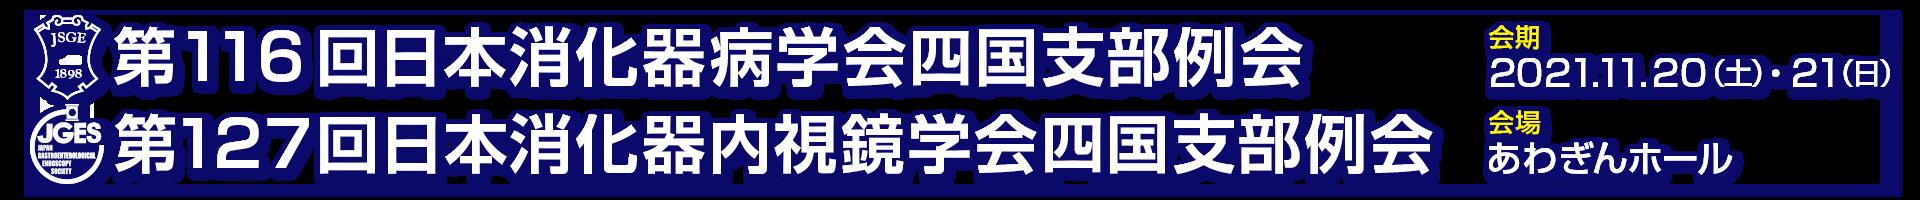 第116回日本消化器病学会四国支部例会/第127回日本消化器内視鏡学会四国支部例会